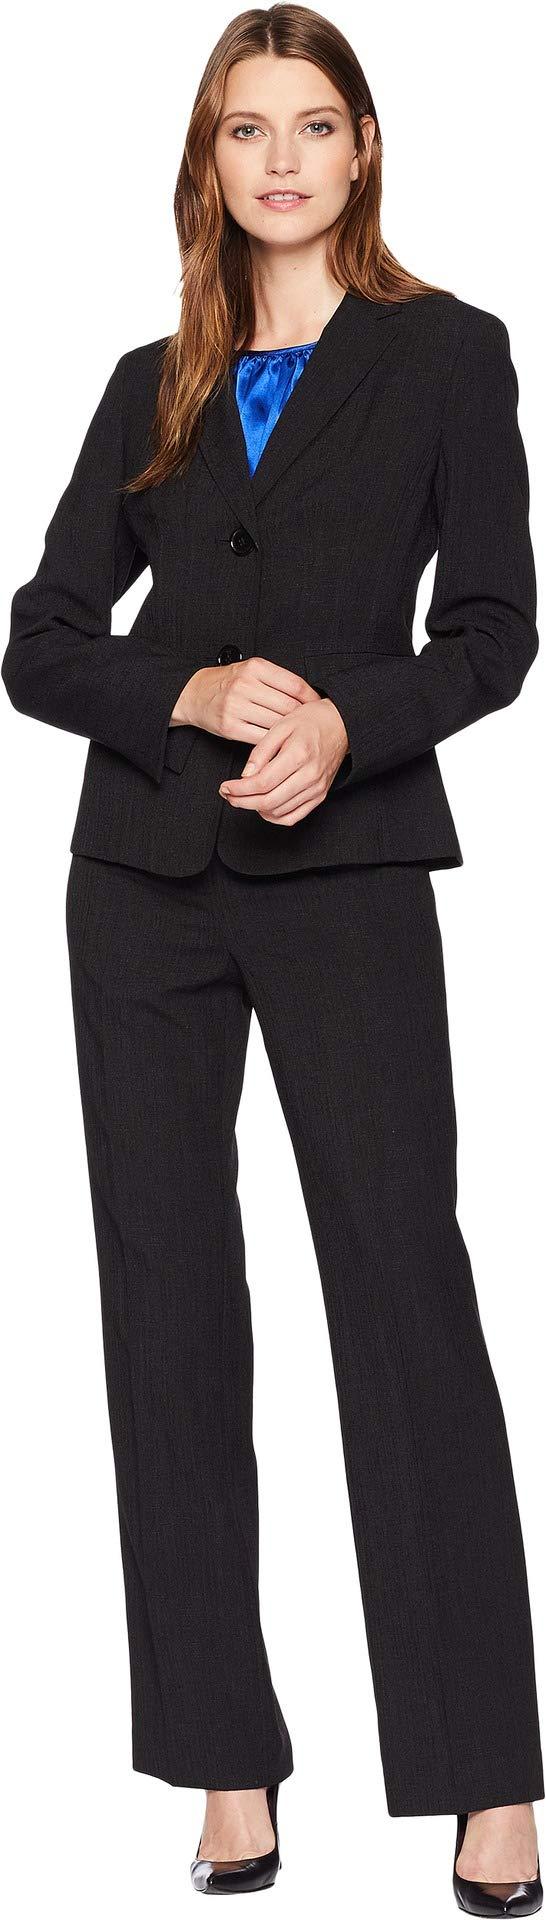 Le Suit Women's Basketweave Two-Button Pants Suit w/Cami Black/Cobalt 12